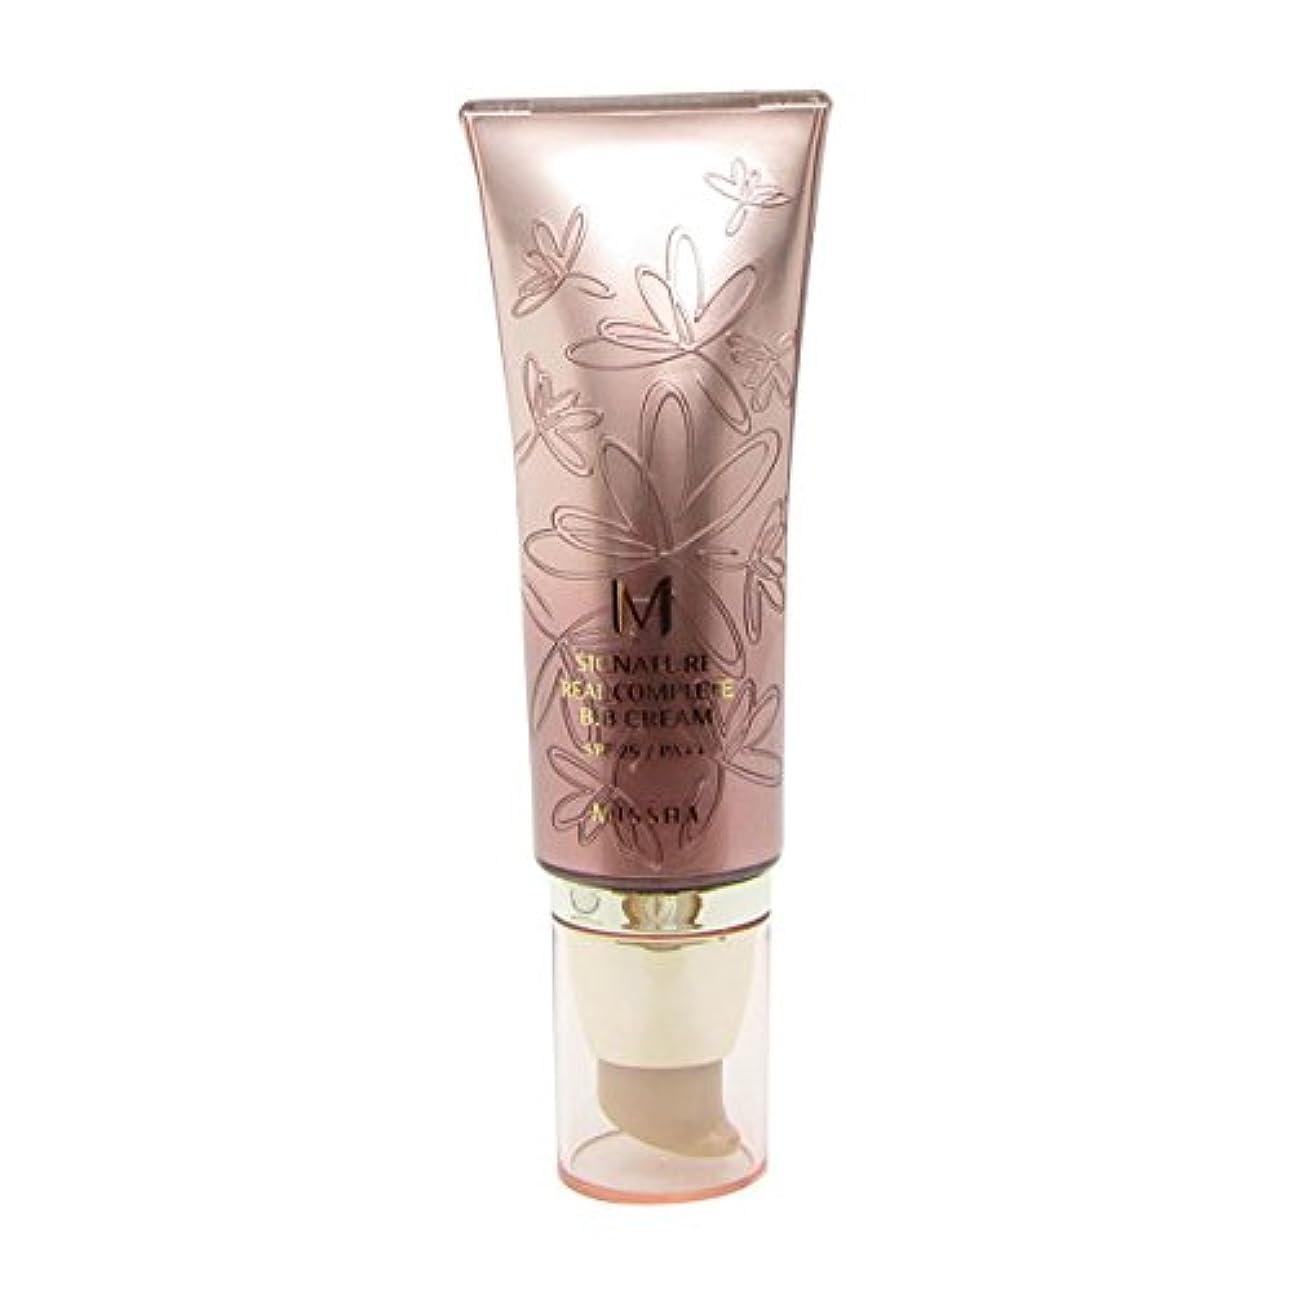 かりて影響テキストMissha Signature Real Complete Bb Cream Fps25/pa++ No.13 Light Milky Beige 45g [並行輸入品]